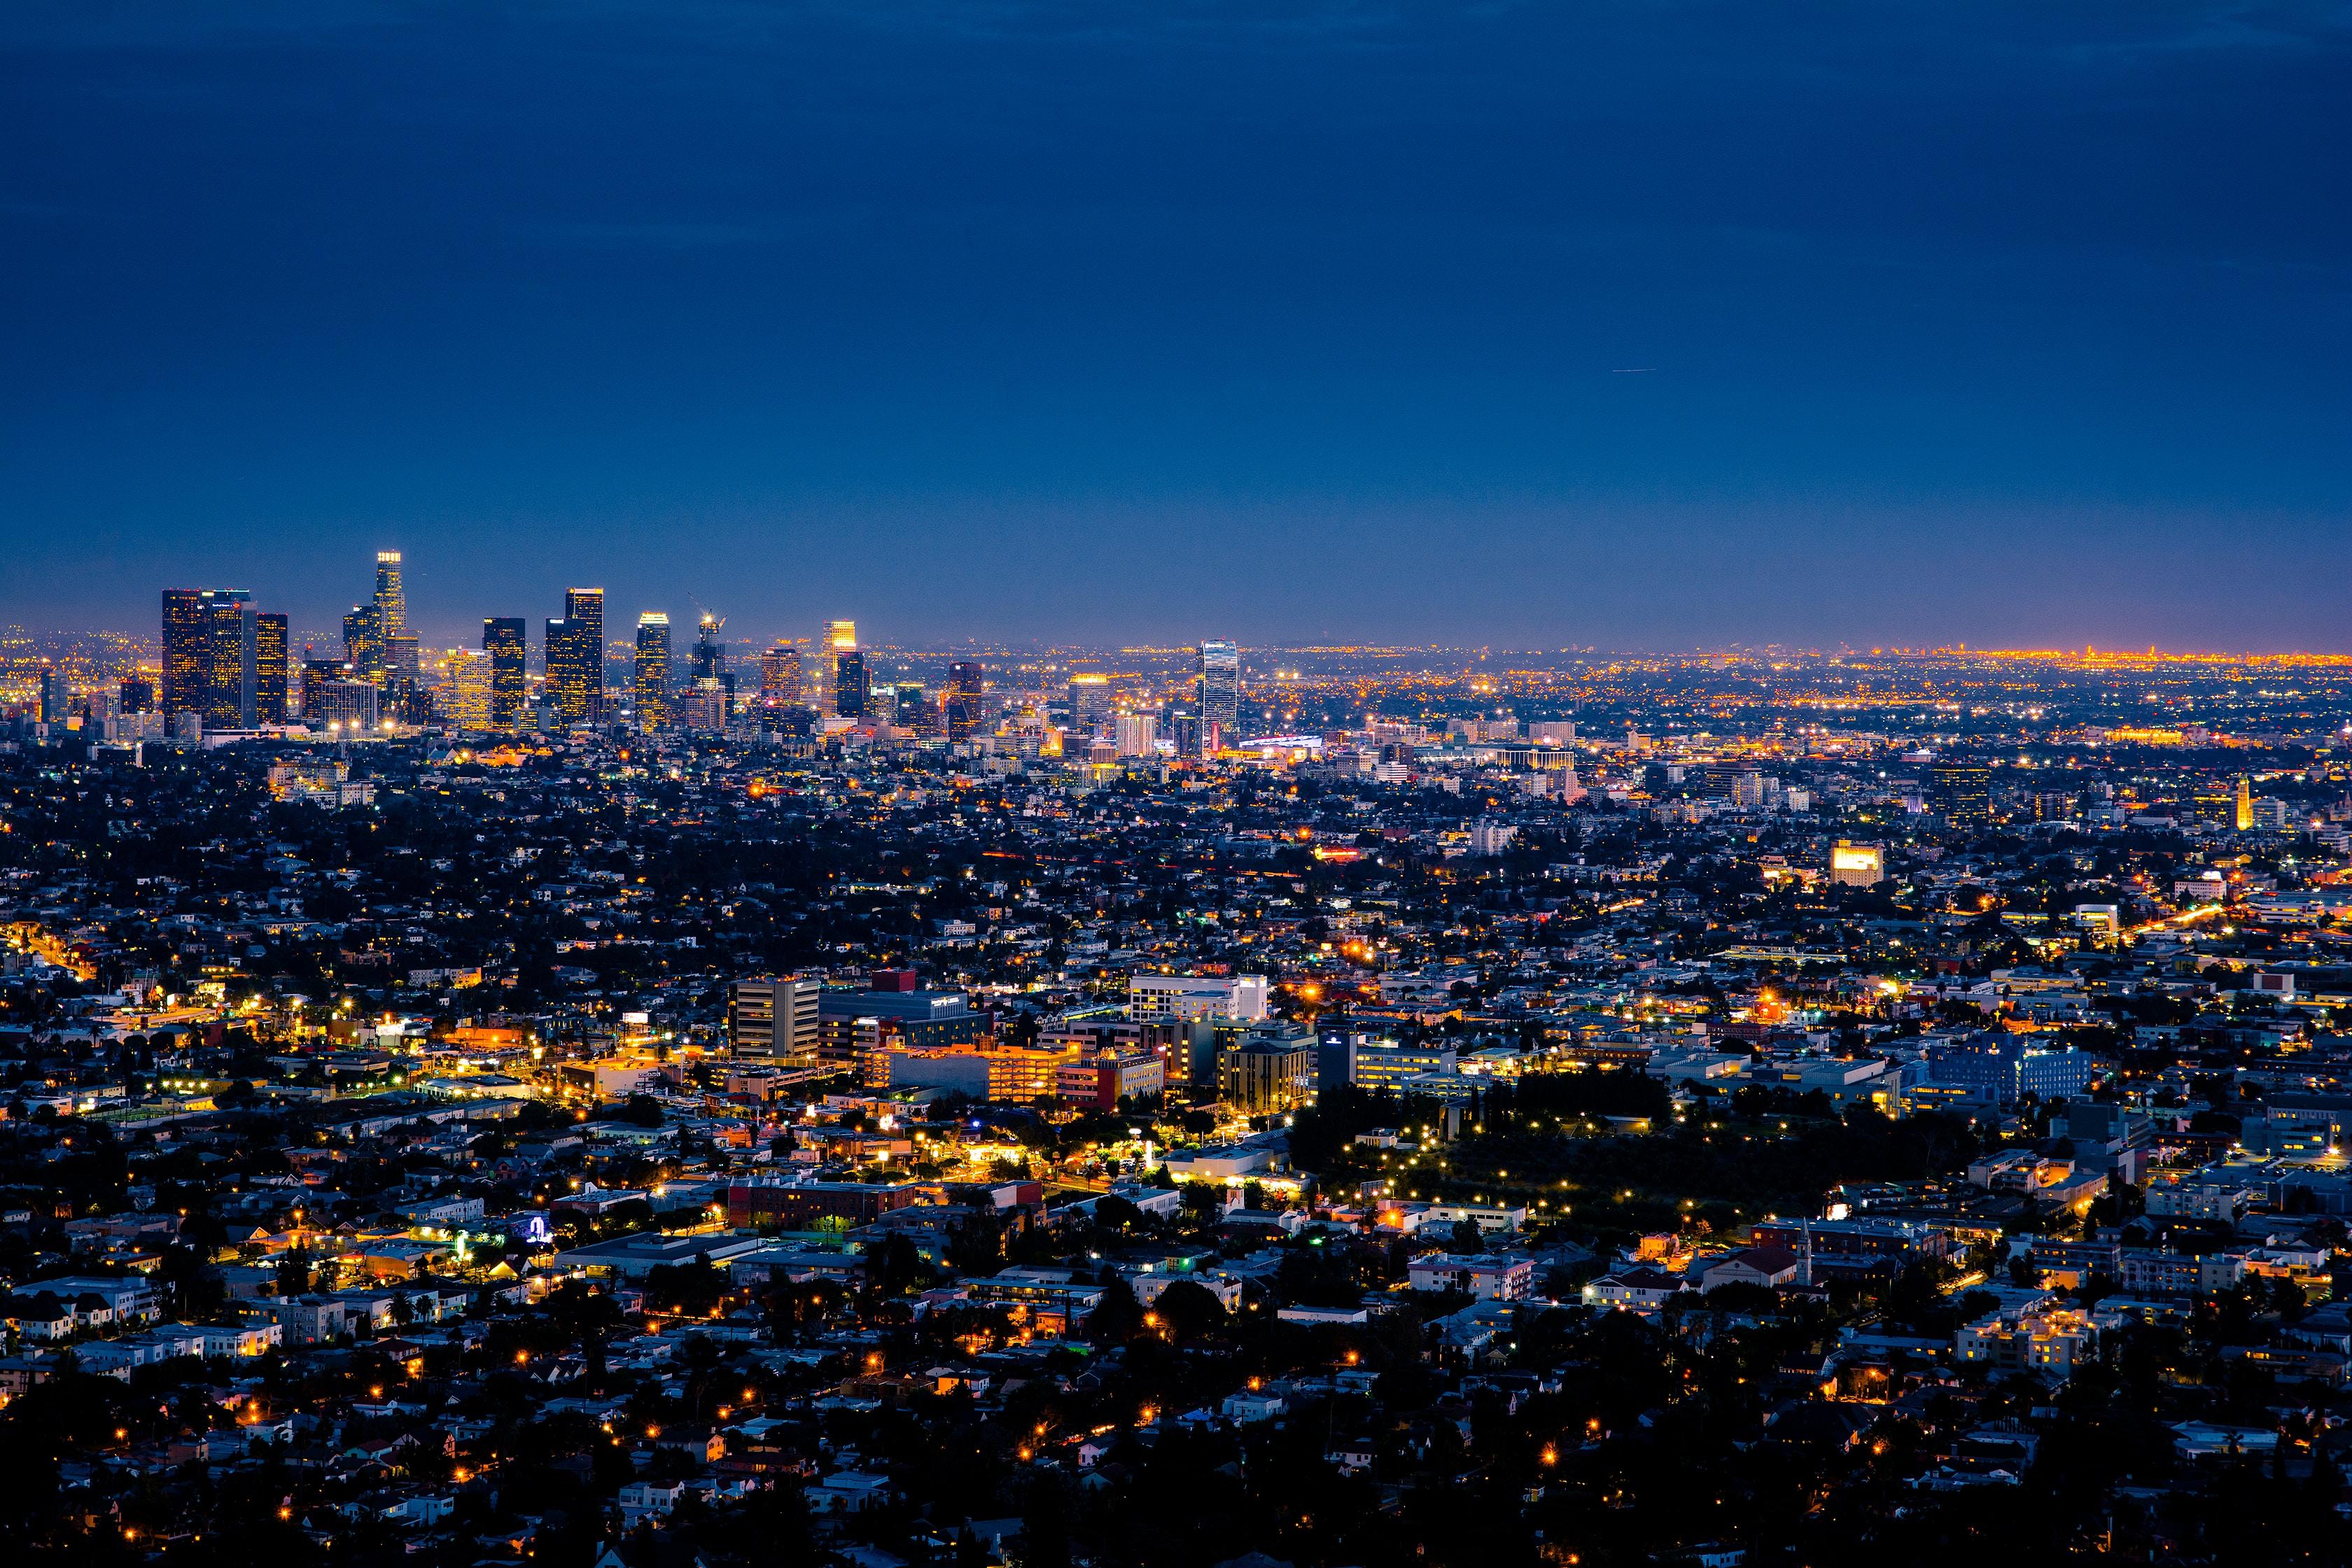 スマートシティとは?~変化を続ける未来都市のあるべきカタチ~